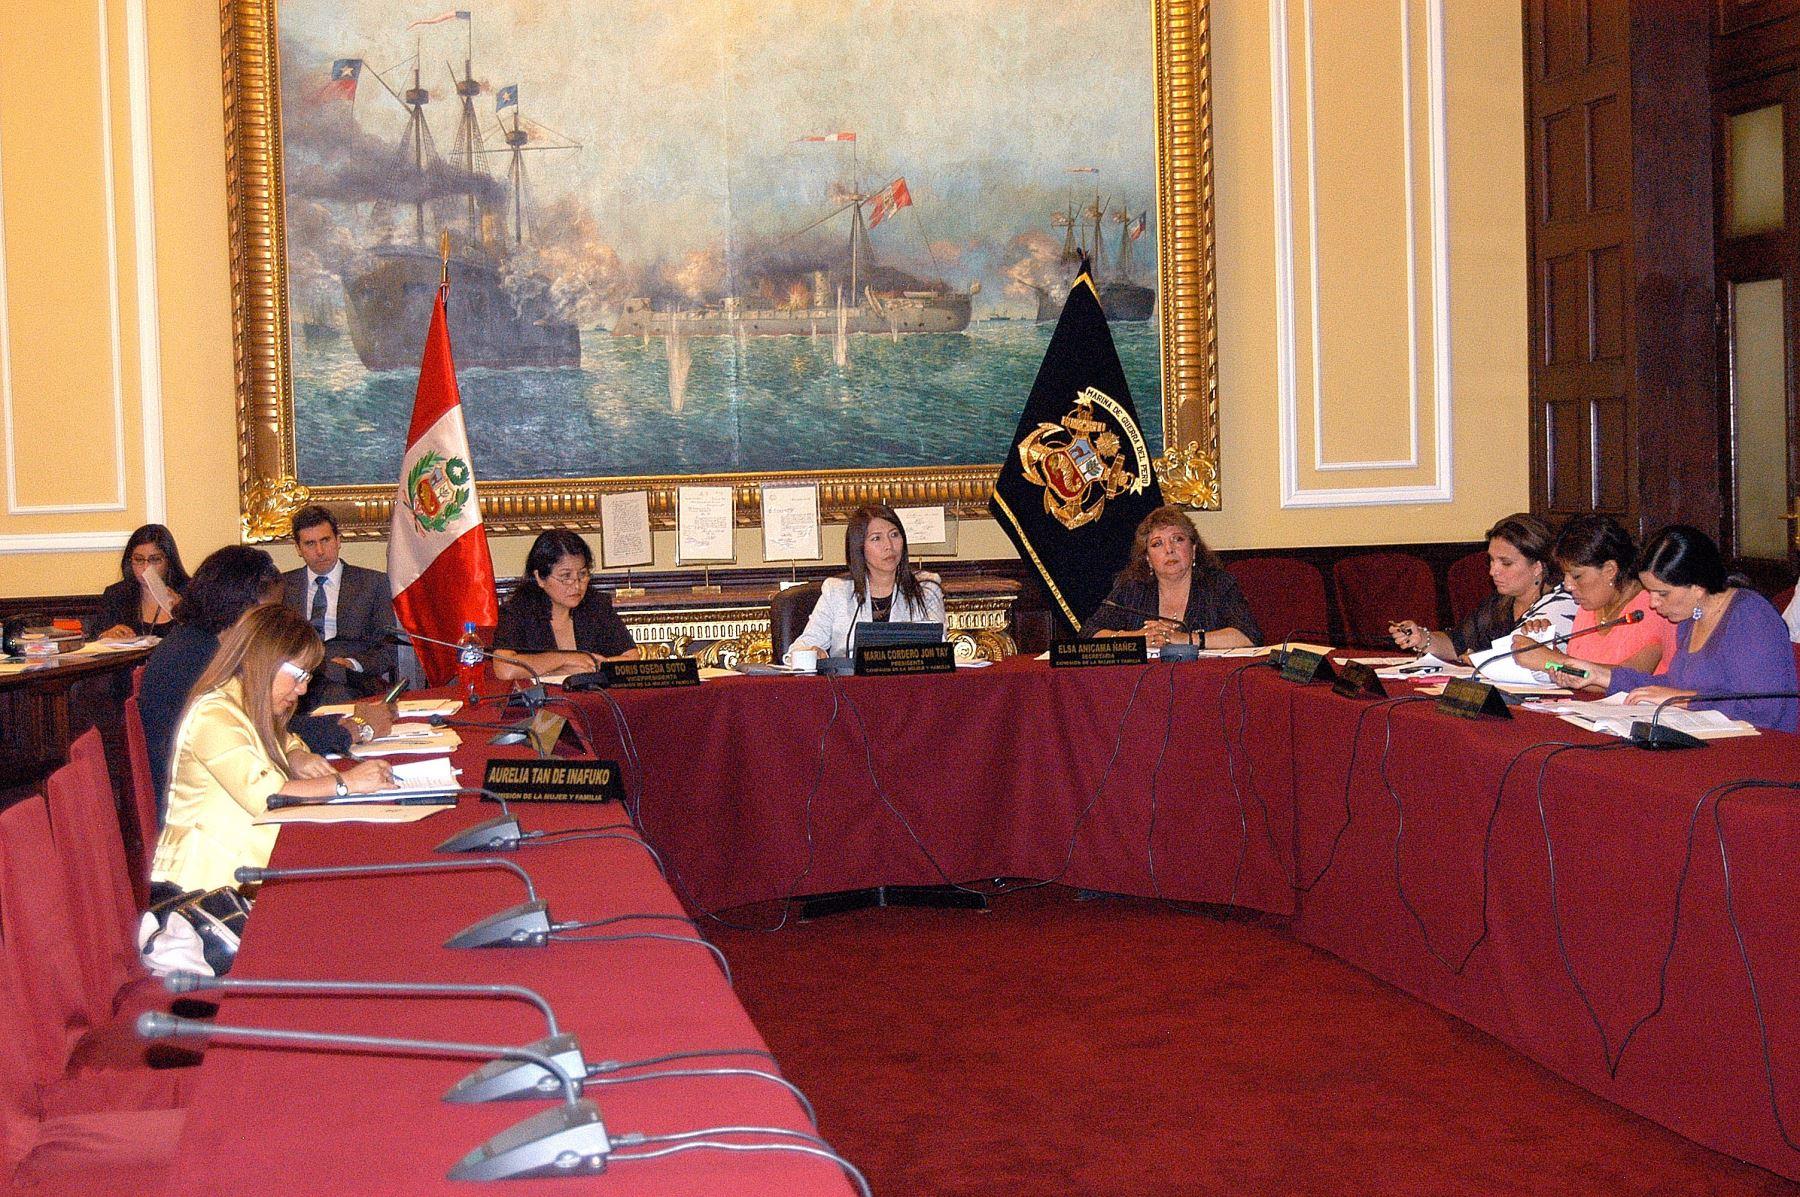 Comisión de la Mujer aprueba proyecto de ley contra acoso político a mujeres